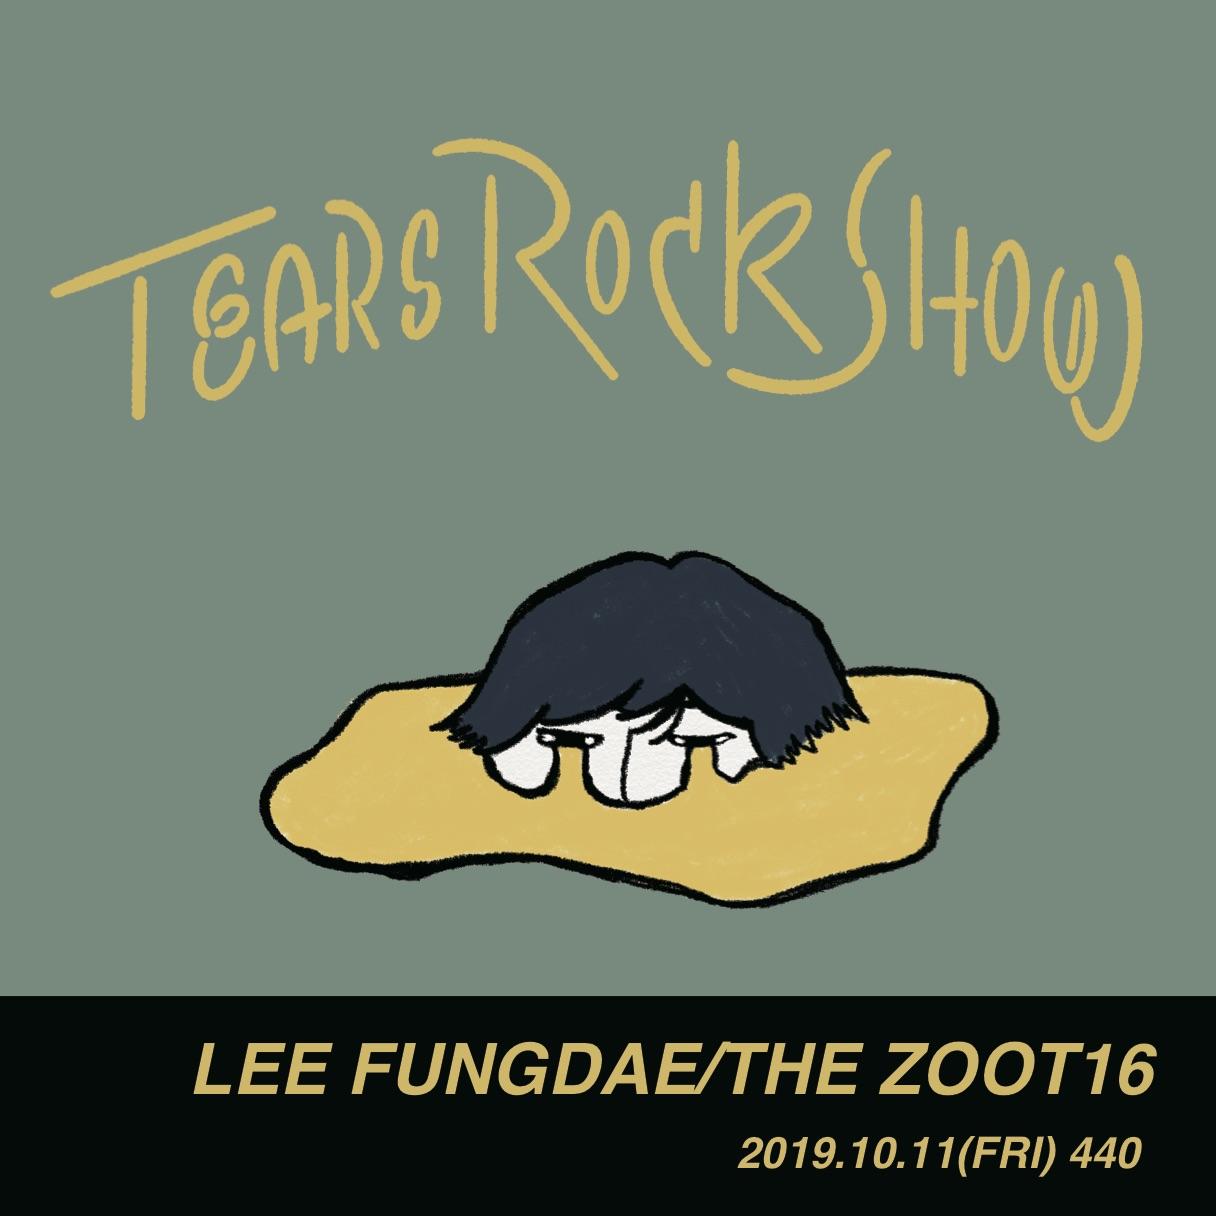 リ・ファンデと渡辺俊美 & THE ZOOT16の『Tears Rock Show』